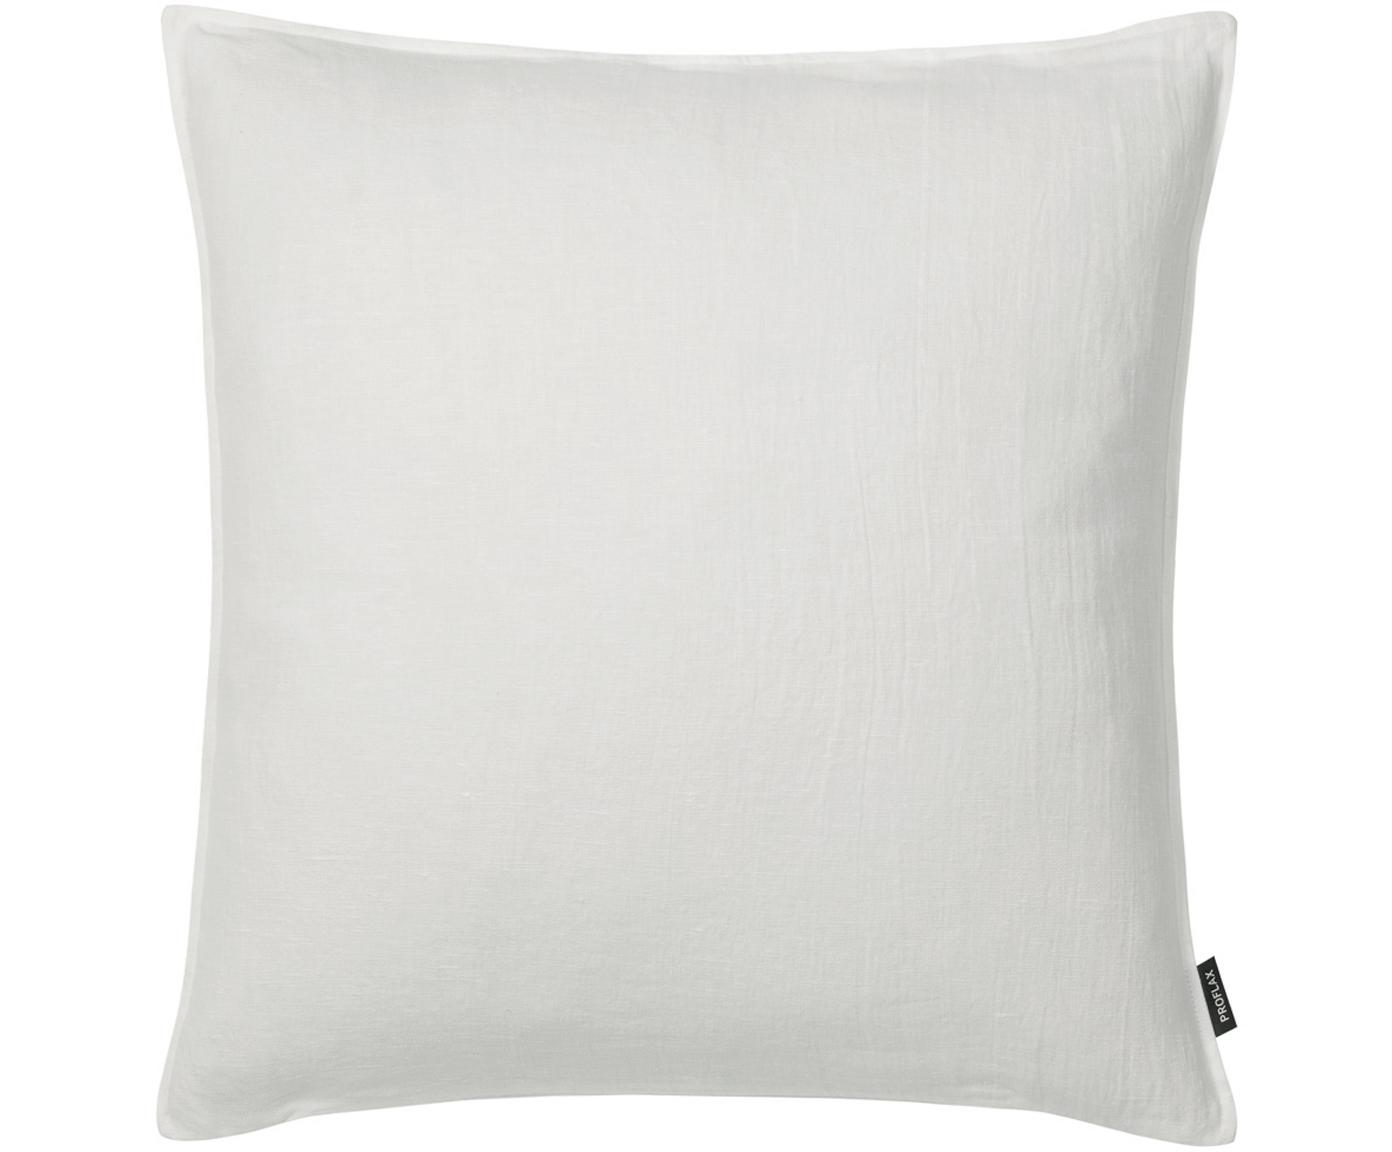 Poszewka na poduszkę z lnu z efektem sprania Sven, Len, Złamana biel, S 60 x D 60 cm